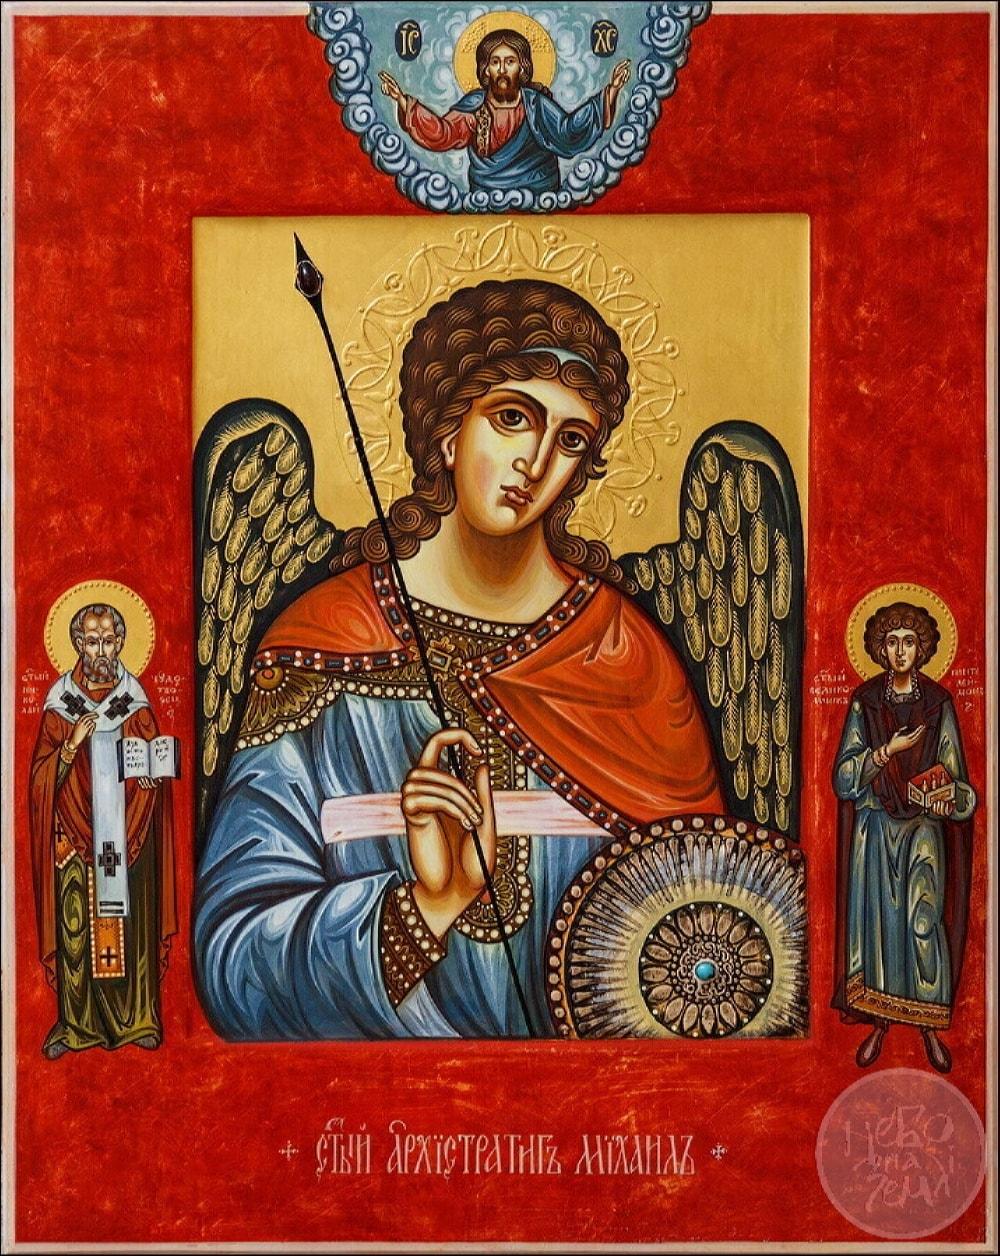 Архангел Михаил с предстоящими святыми. Семейная иконописная мастерская НЕБО НА ЗЕМЛЕ